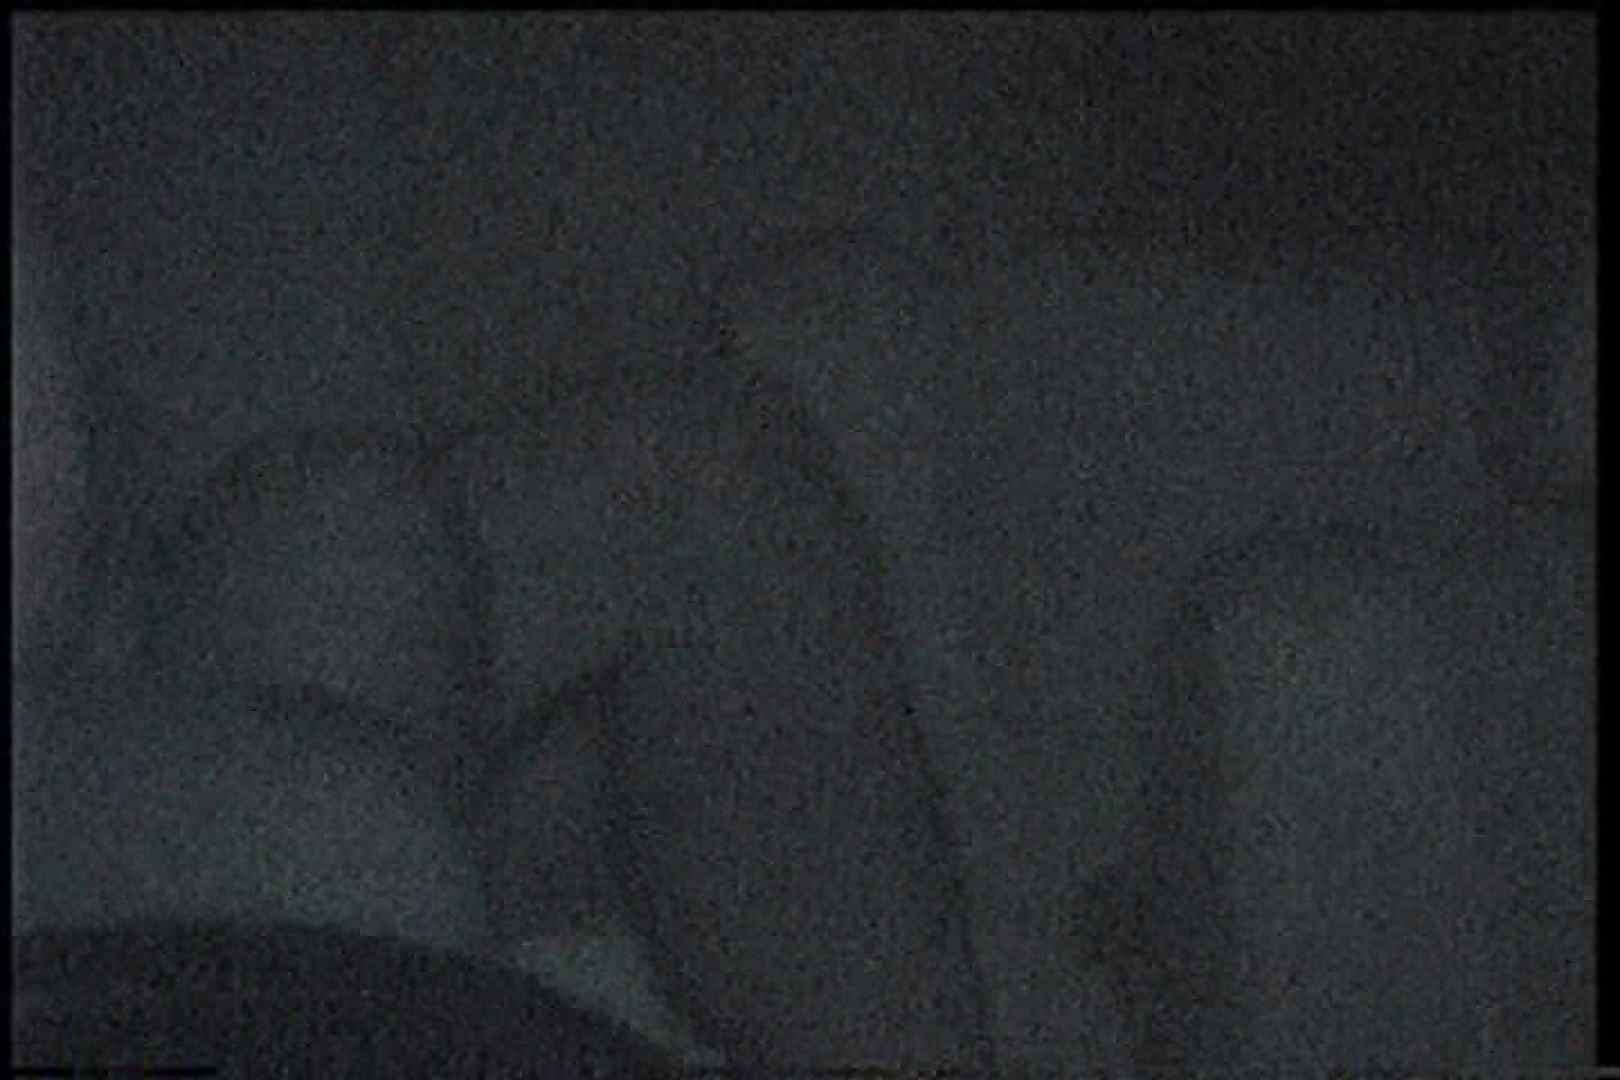 充血監督の深夜の運動会Vol.181 車の中のカップル オマンコ動画キャプチャ 79画像 22